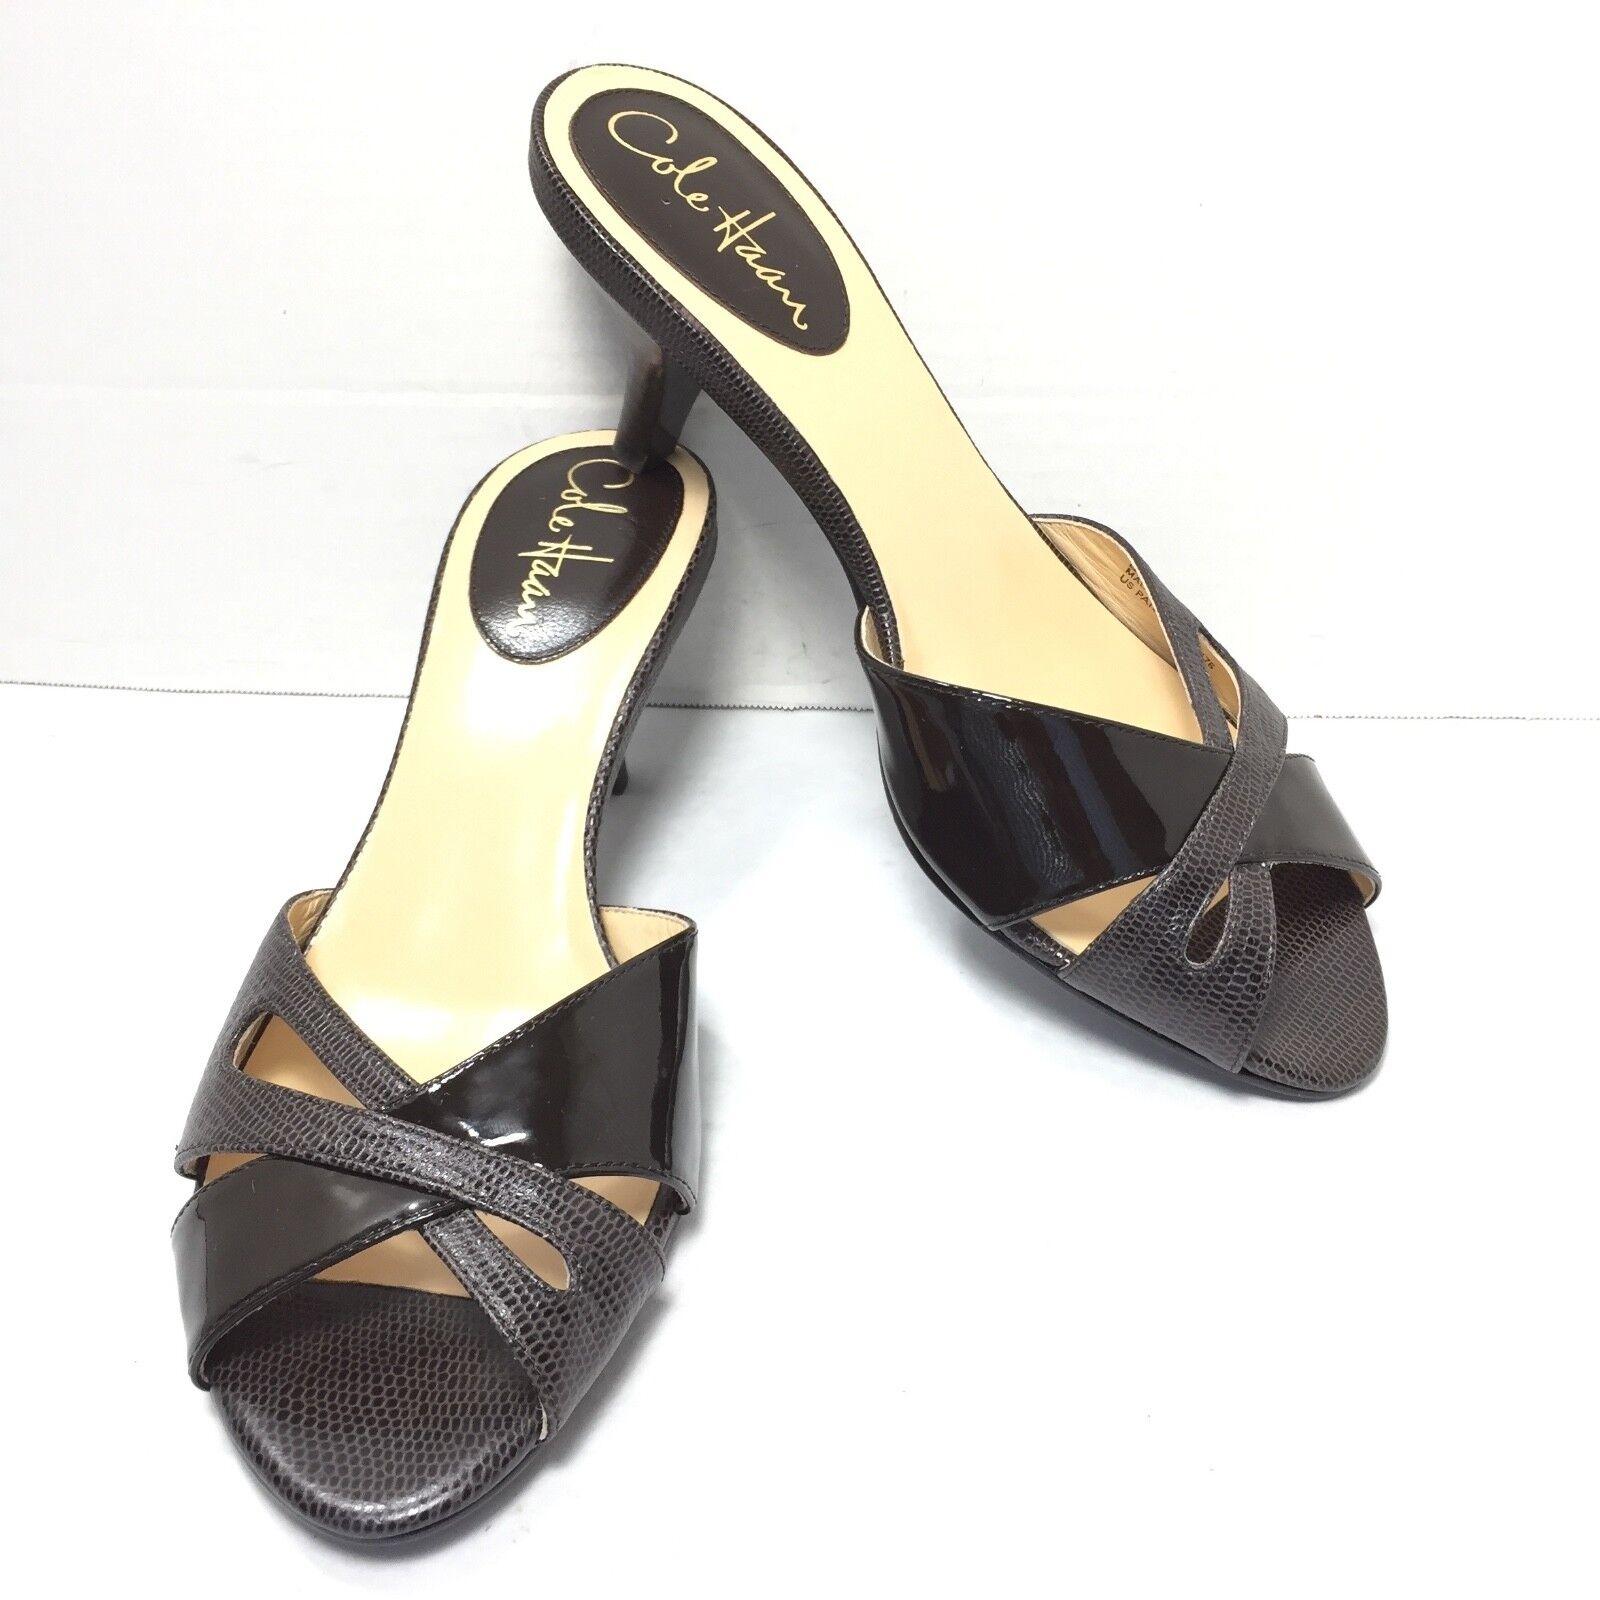 design semplice e generoso Donna  Cole Cole Cole Haan NikeAir Marrone Kitten Heel Slip On Mules Sandals Dimensione 7 AA New  basso prezzo del 40%